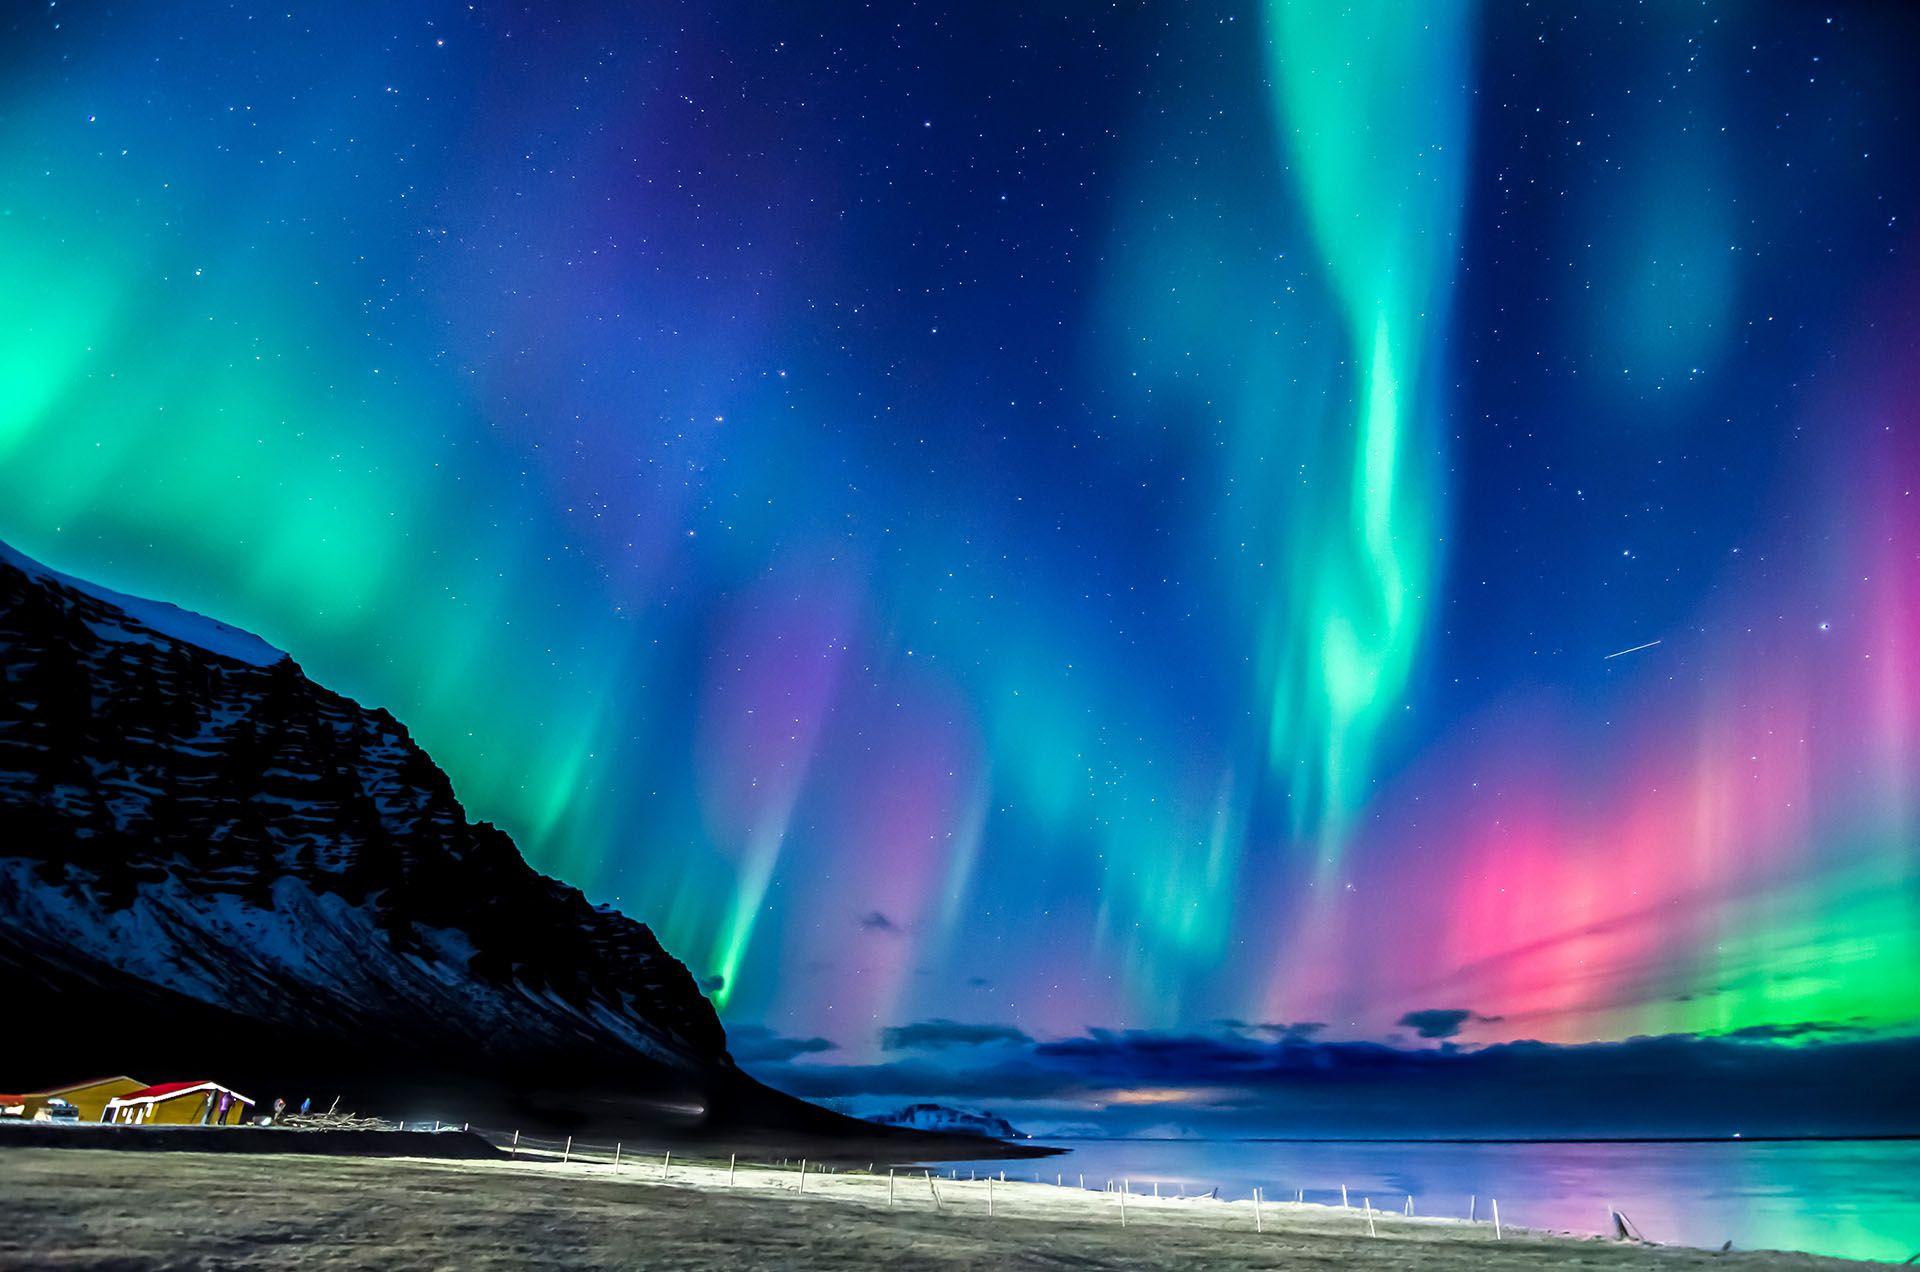 Las auroras boreales en Islandia (Shutterstock)